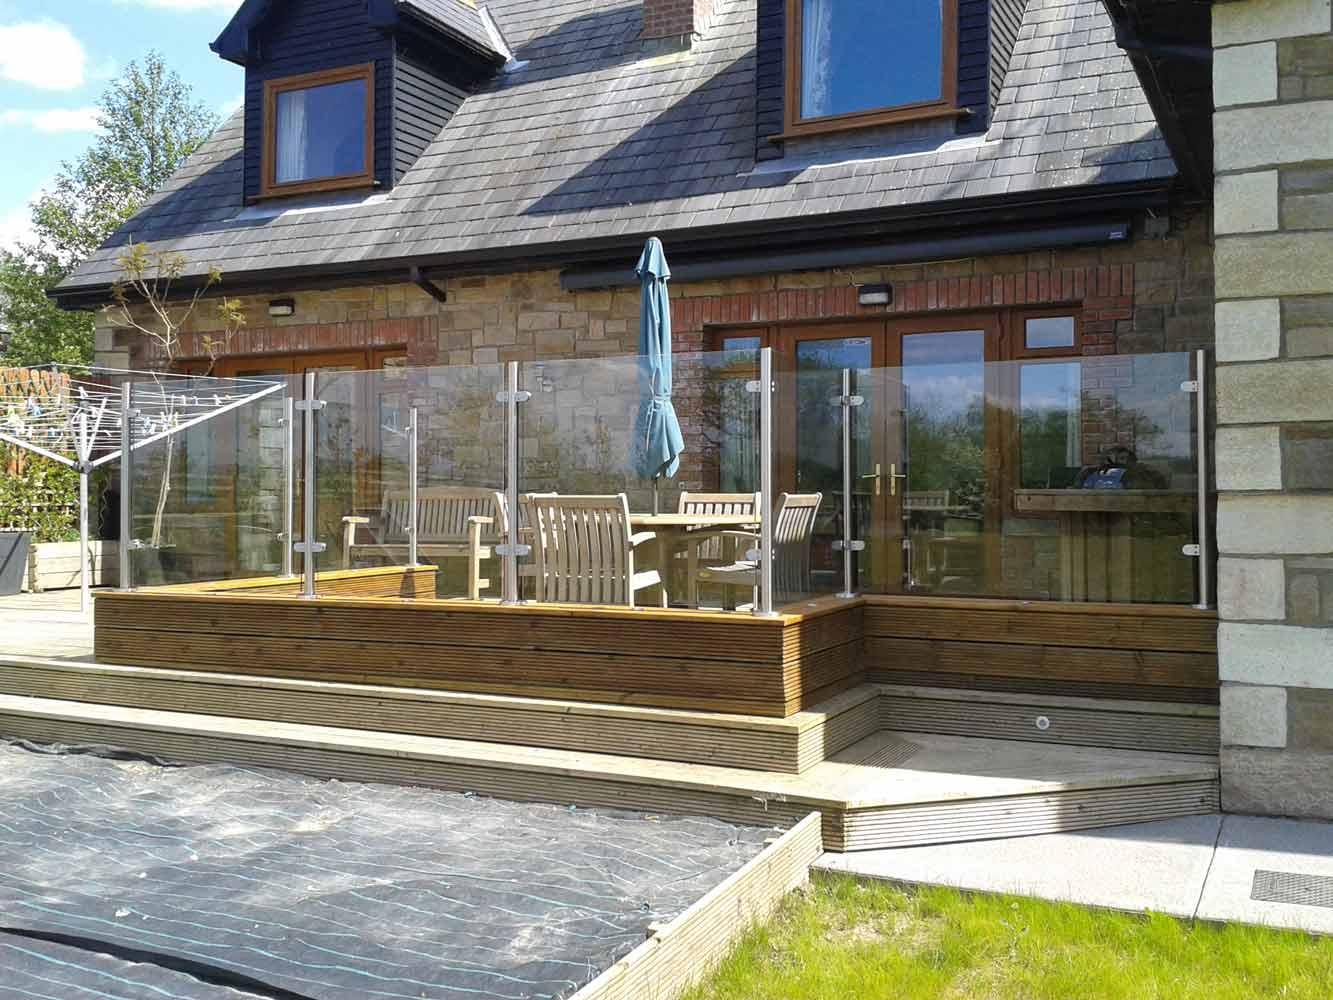 Glass Windbreaks For Deck Outside House